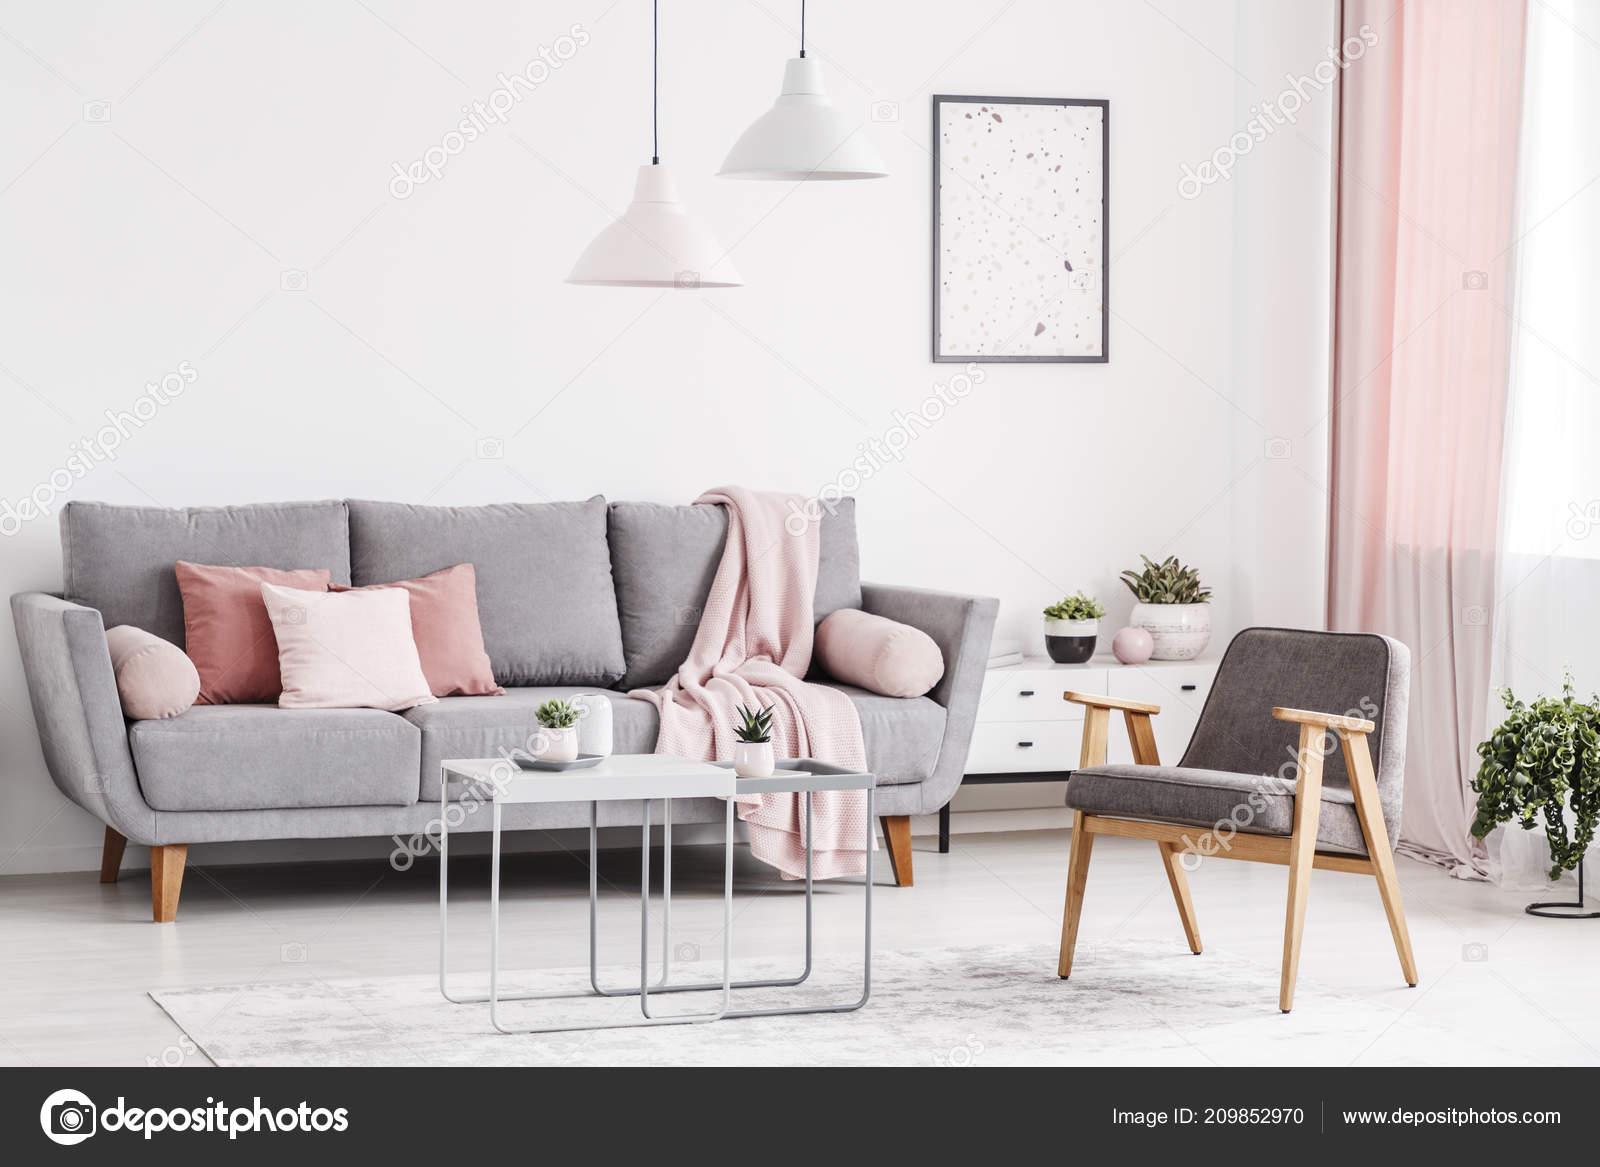 Wohnzimmer Einrichtung Grau Rosa Caseconrad Com